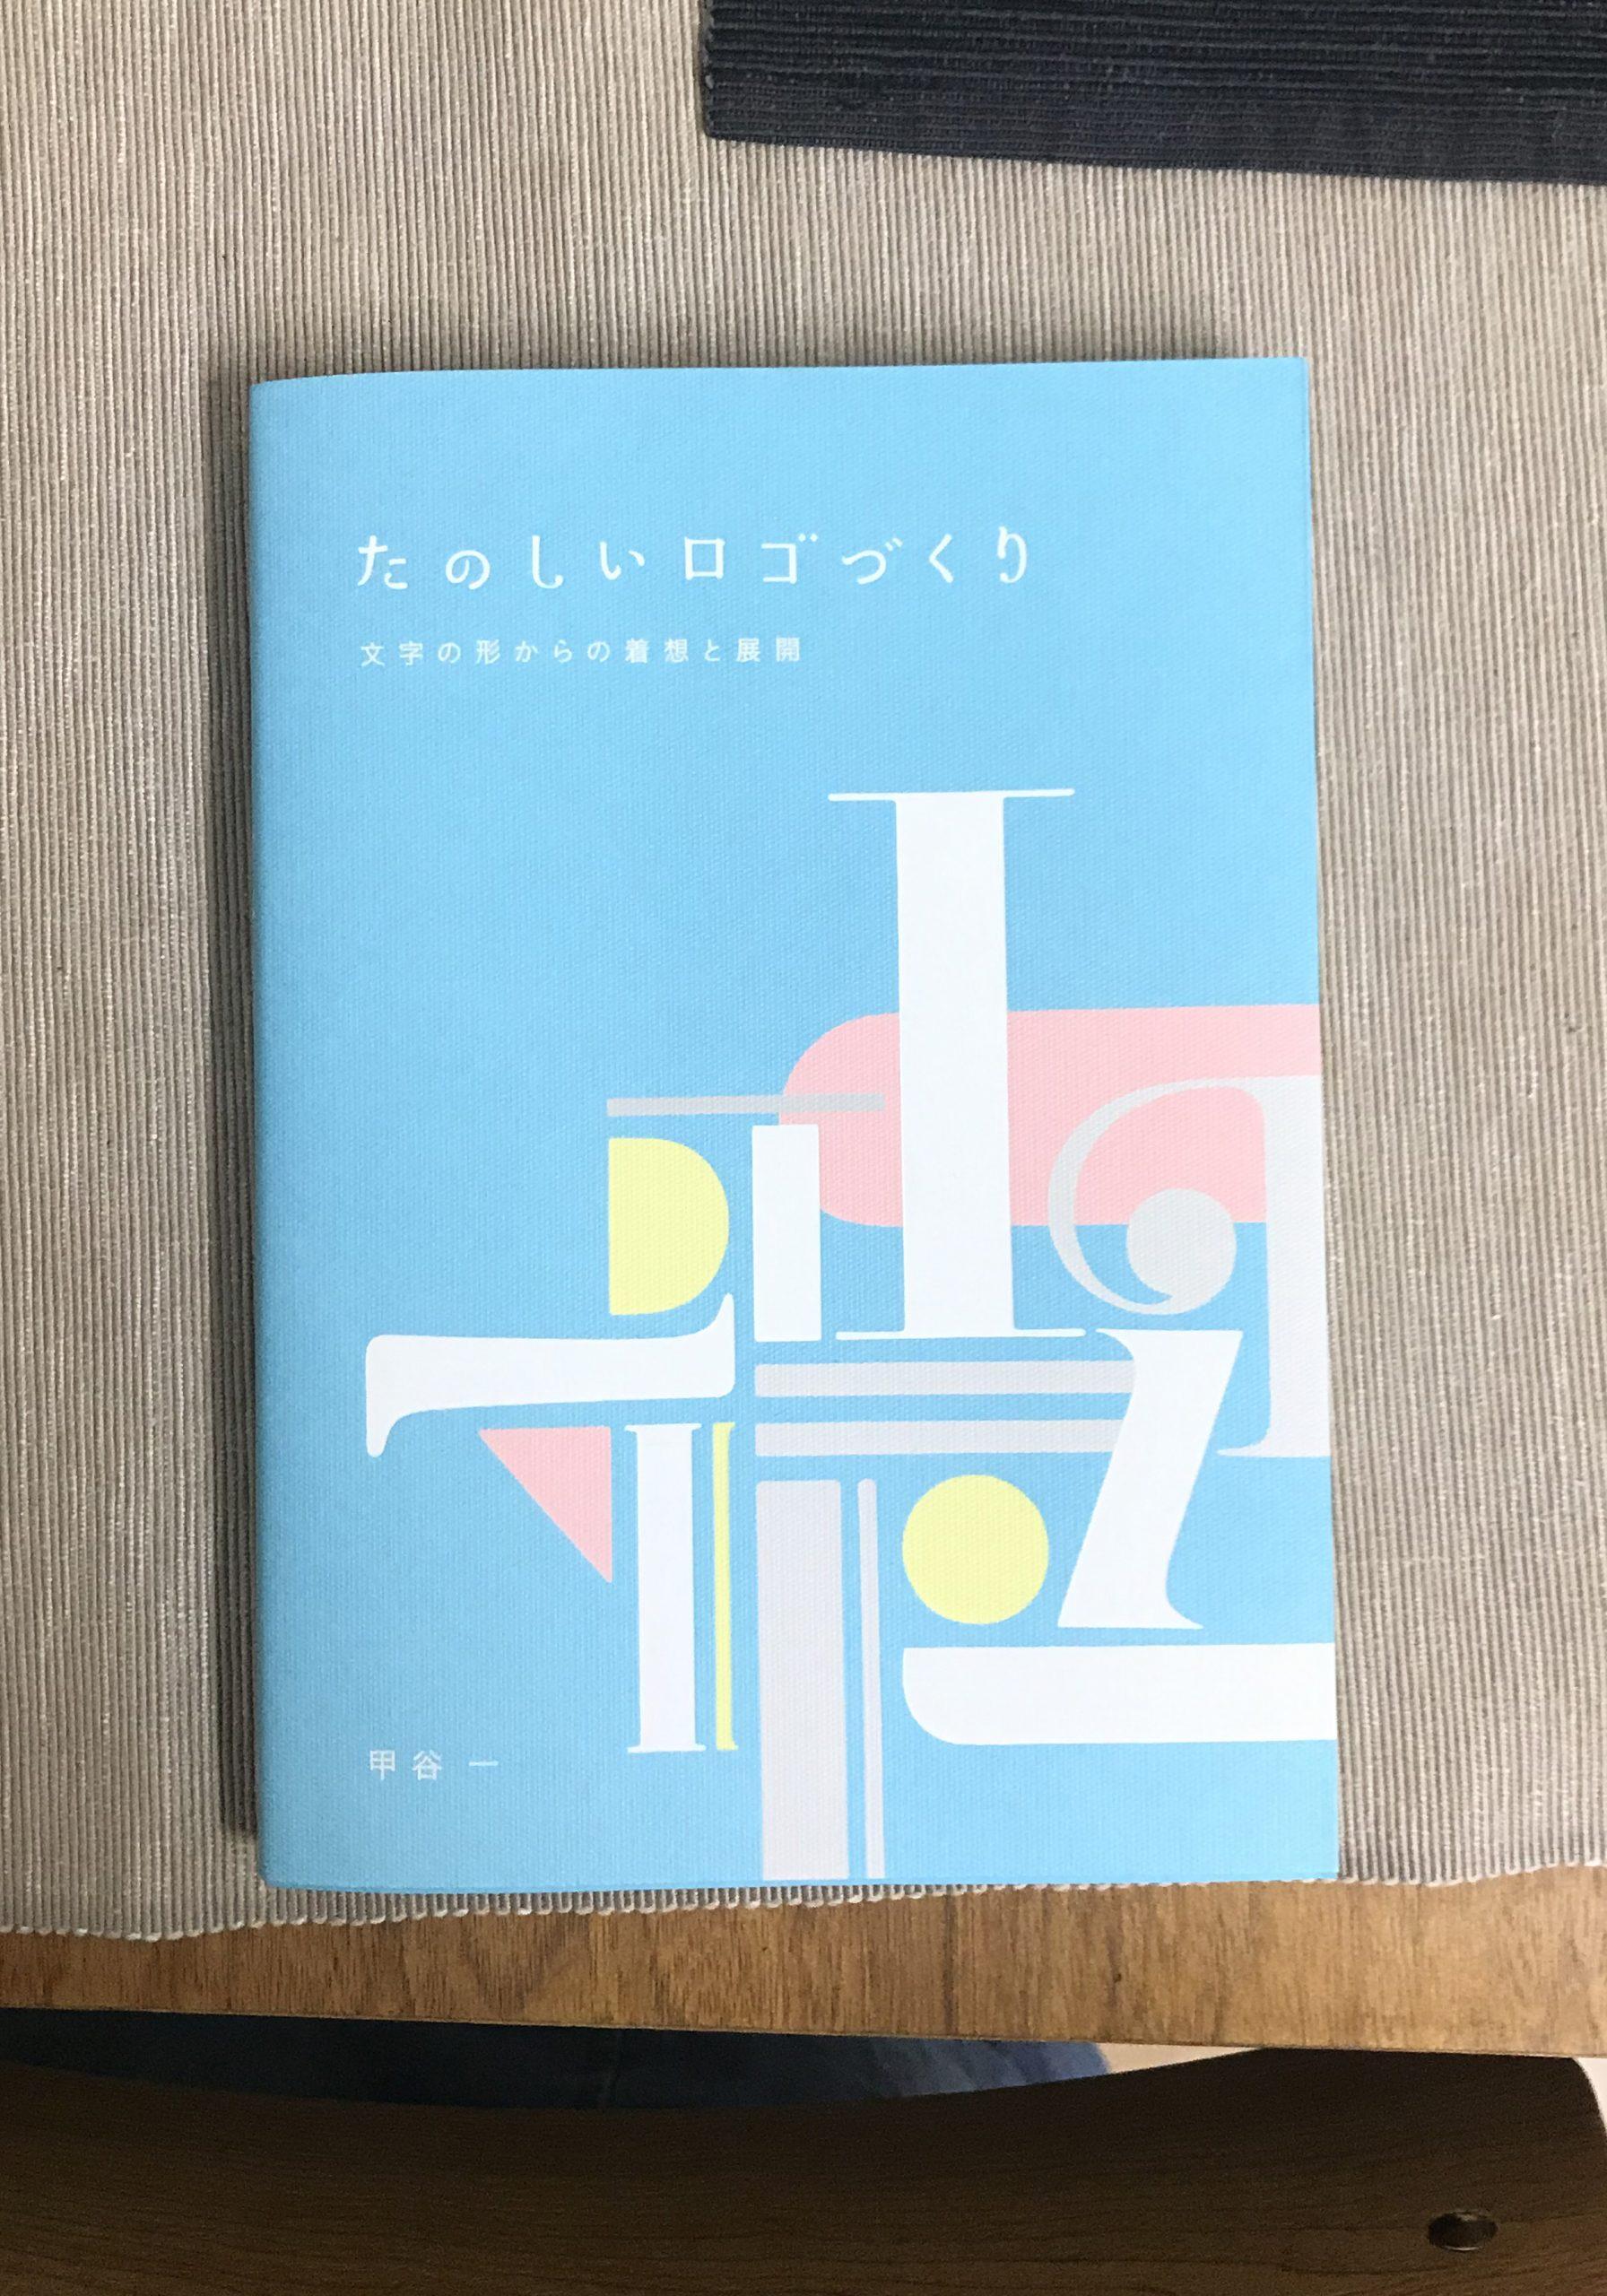 本のサンプル写真